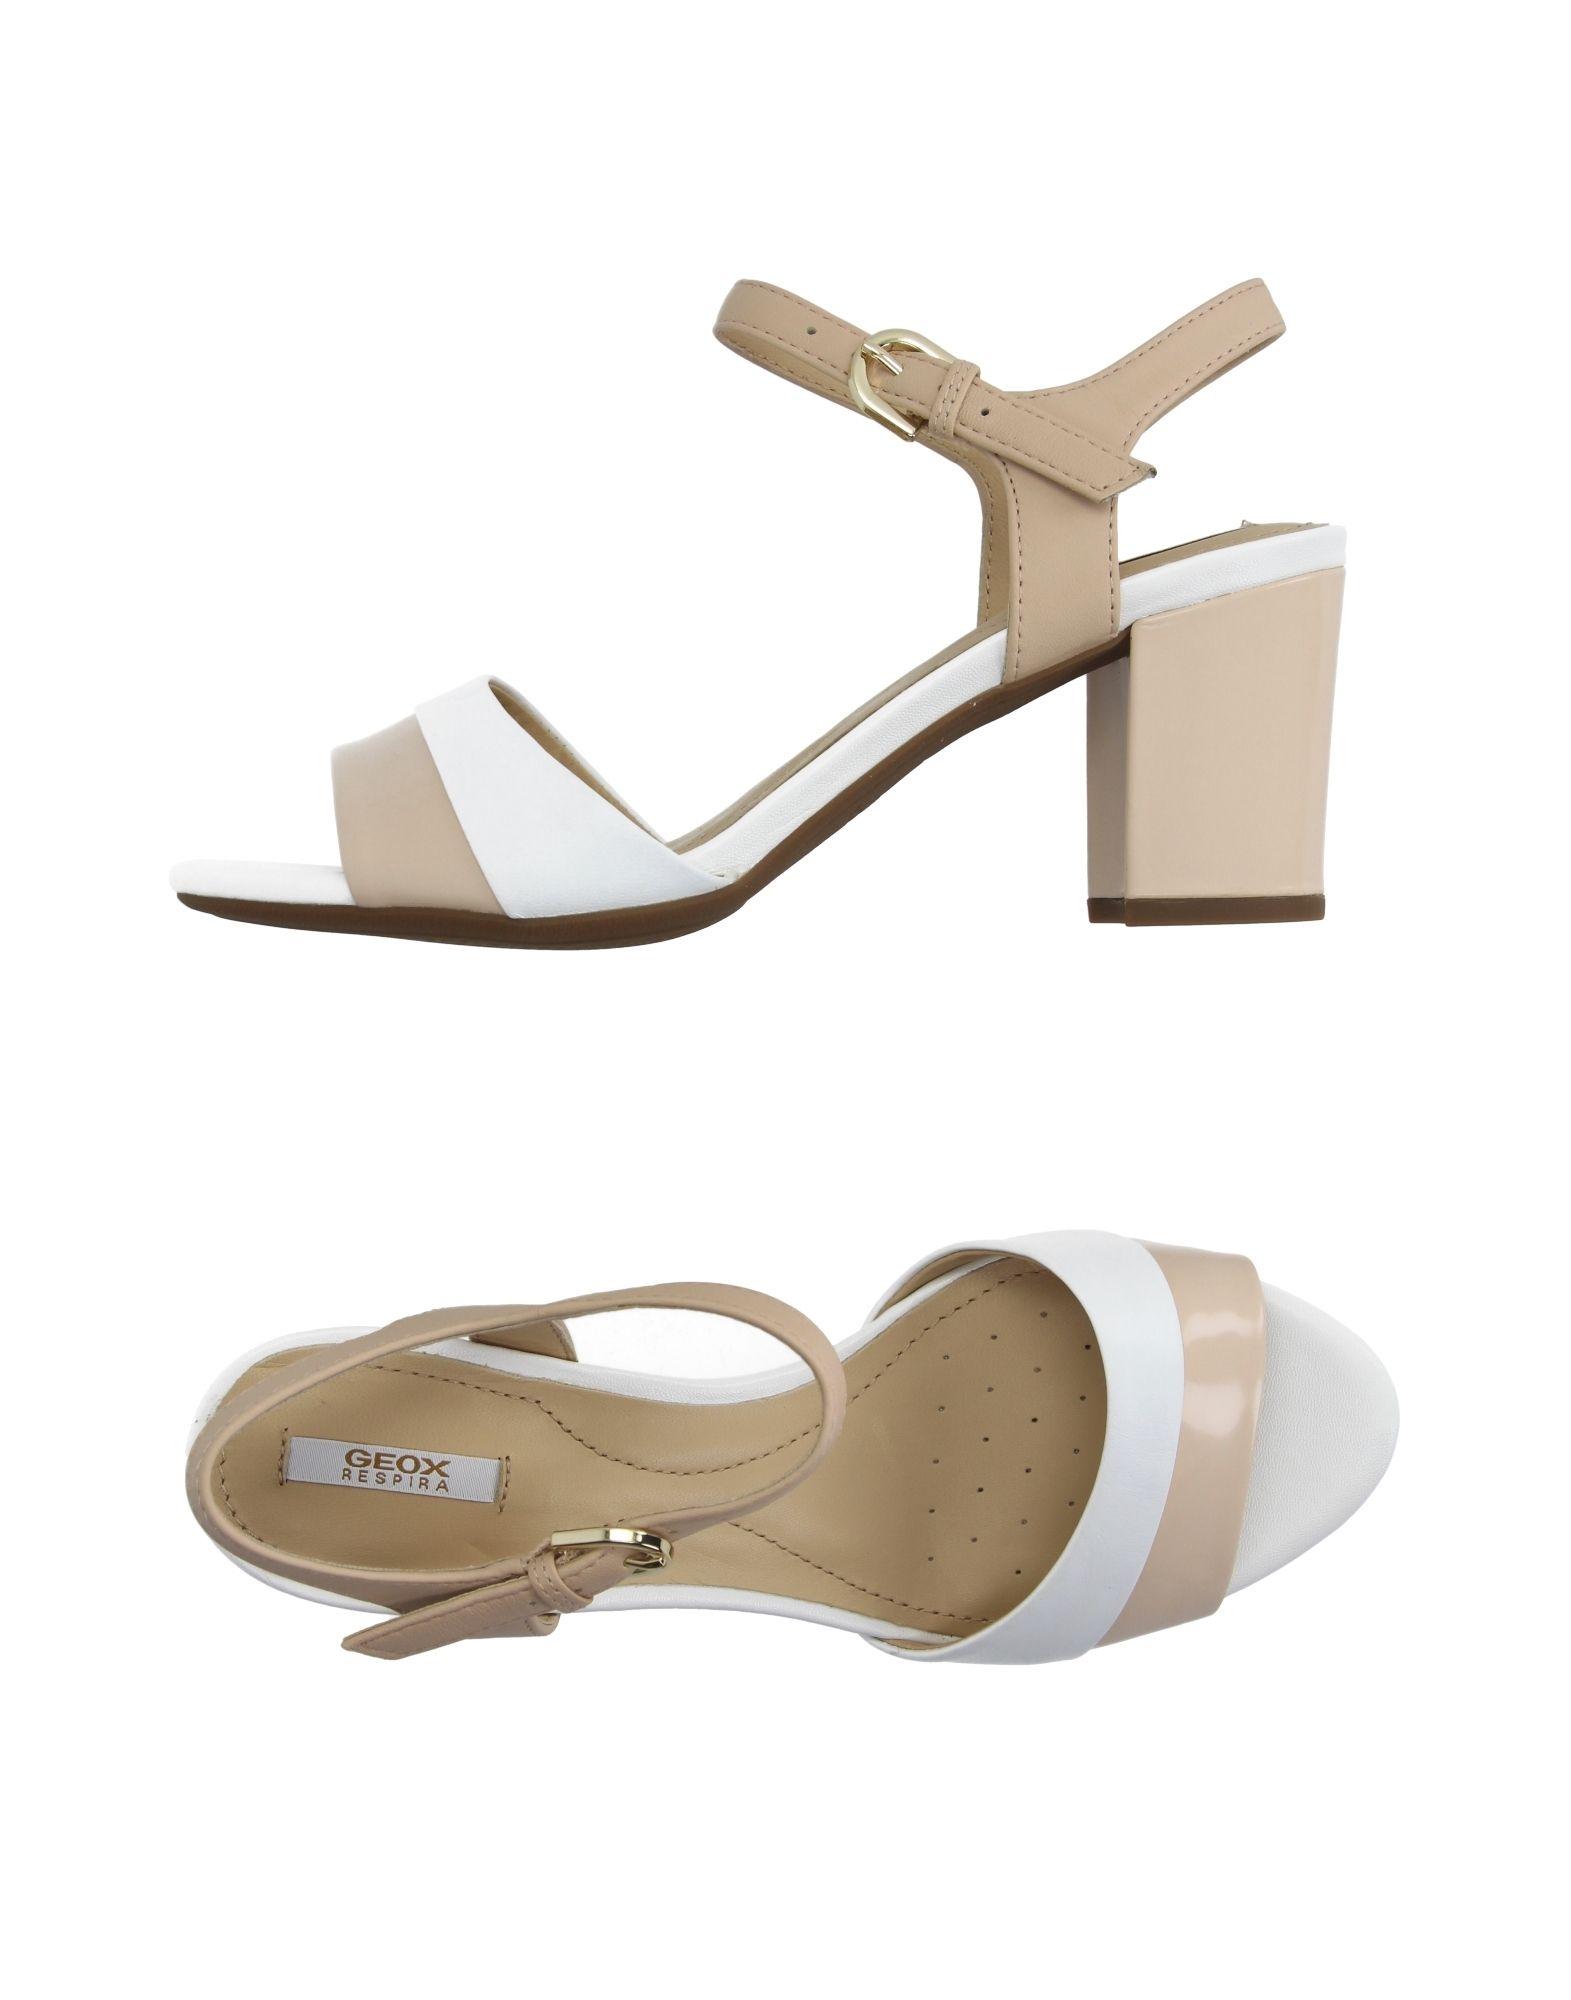 Sandales Geox Femme - Sandales Geox sur